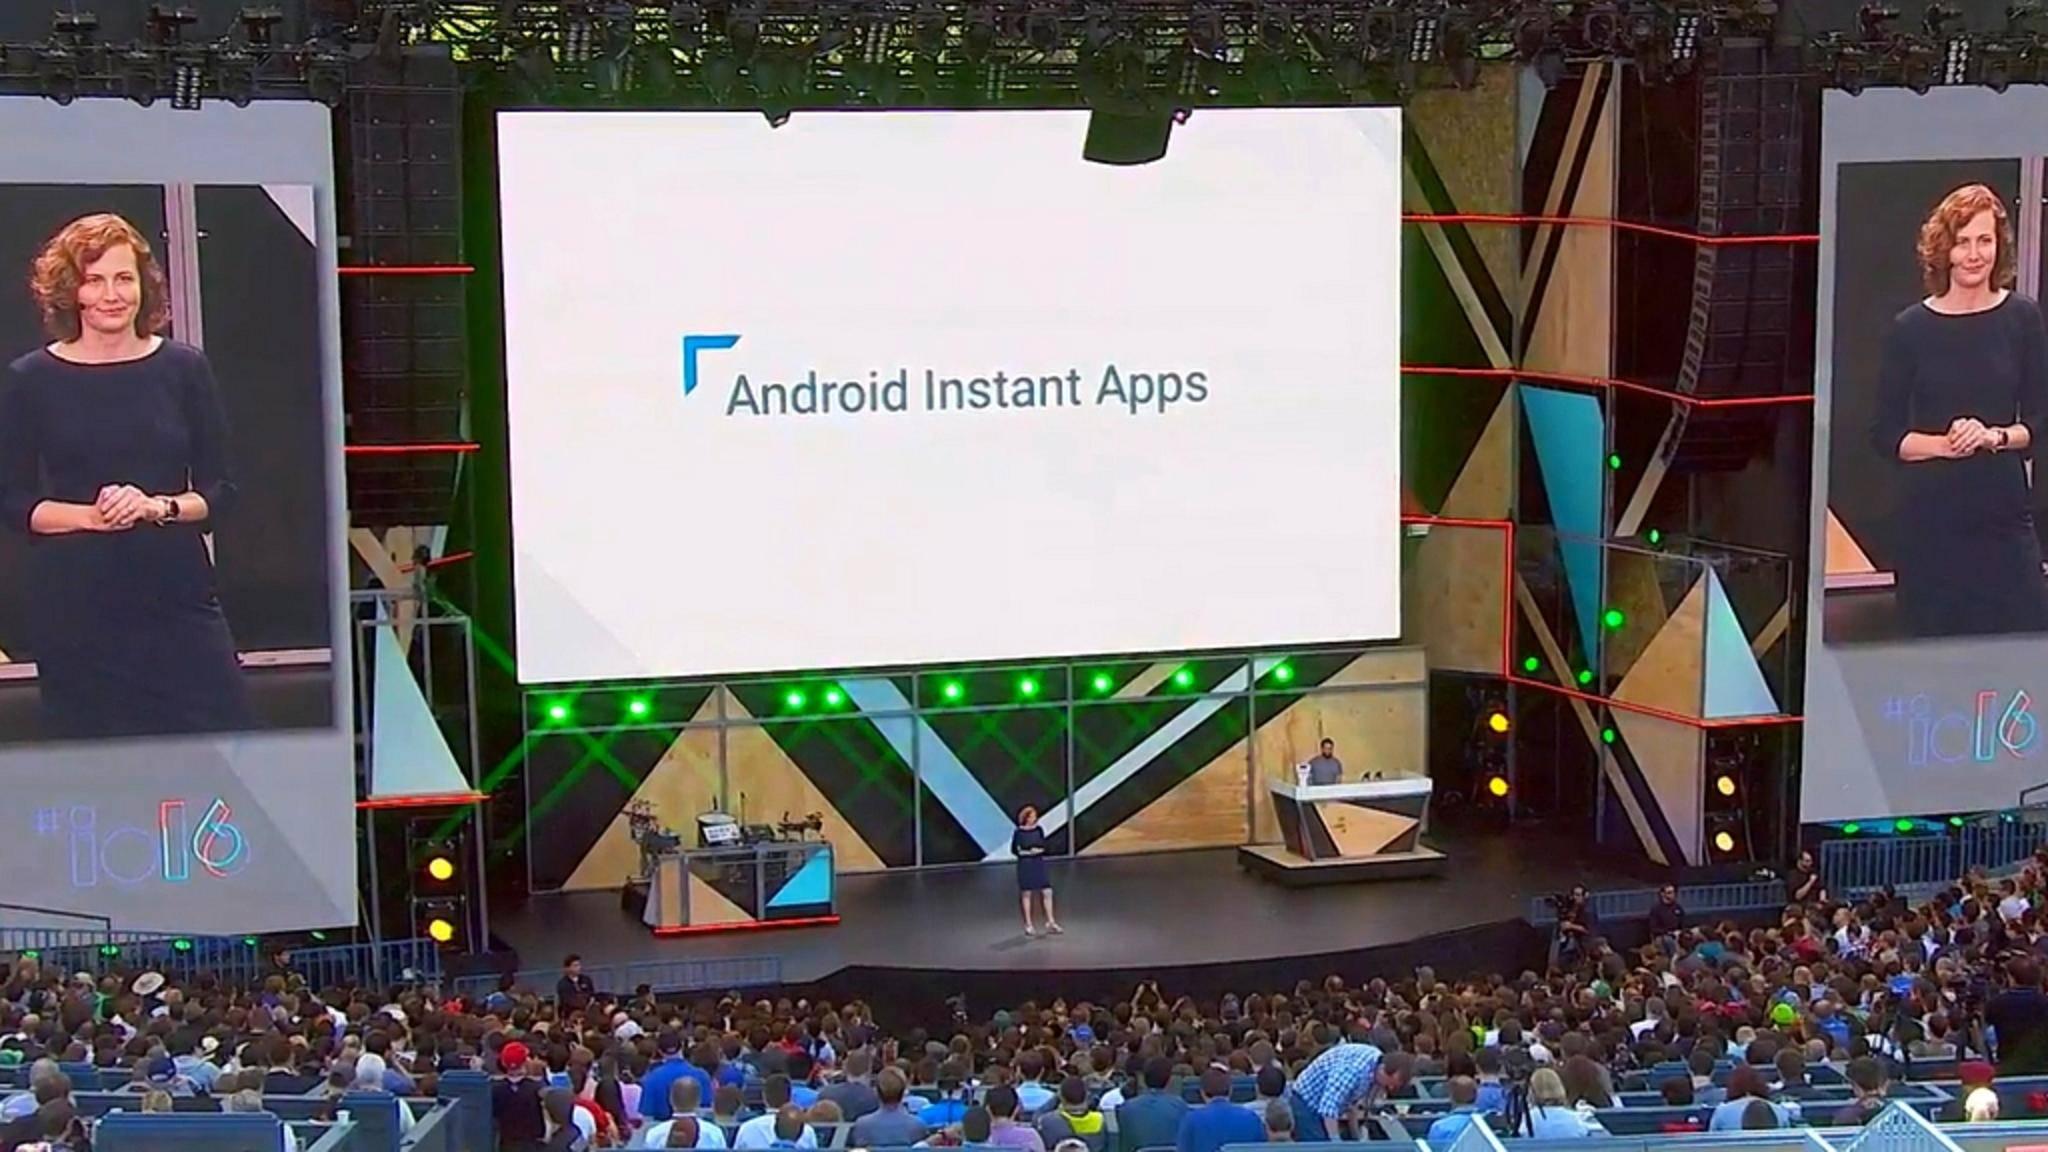 Android Instant Apps lassen sich ohne Installation nutzen.